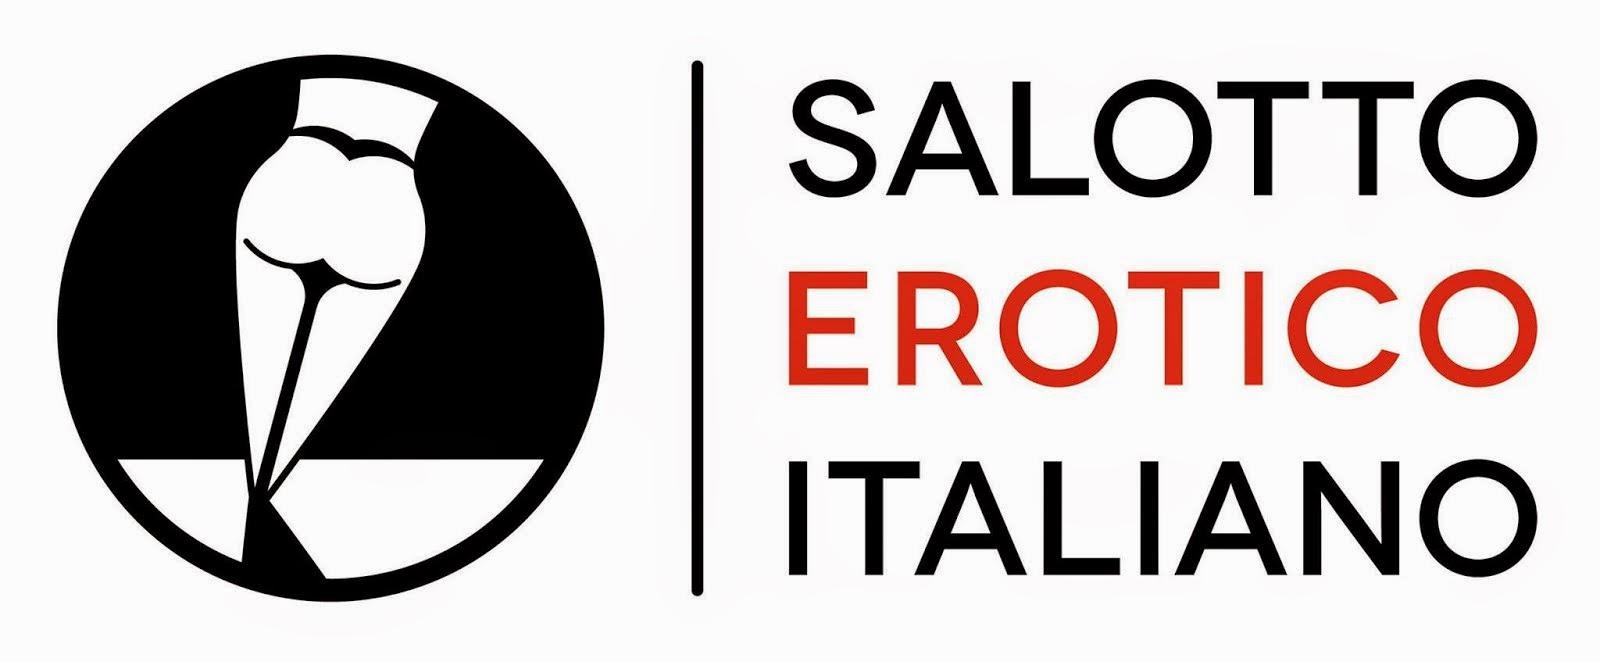 Salotto Erotico Italiano